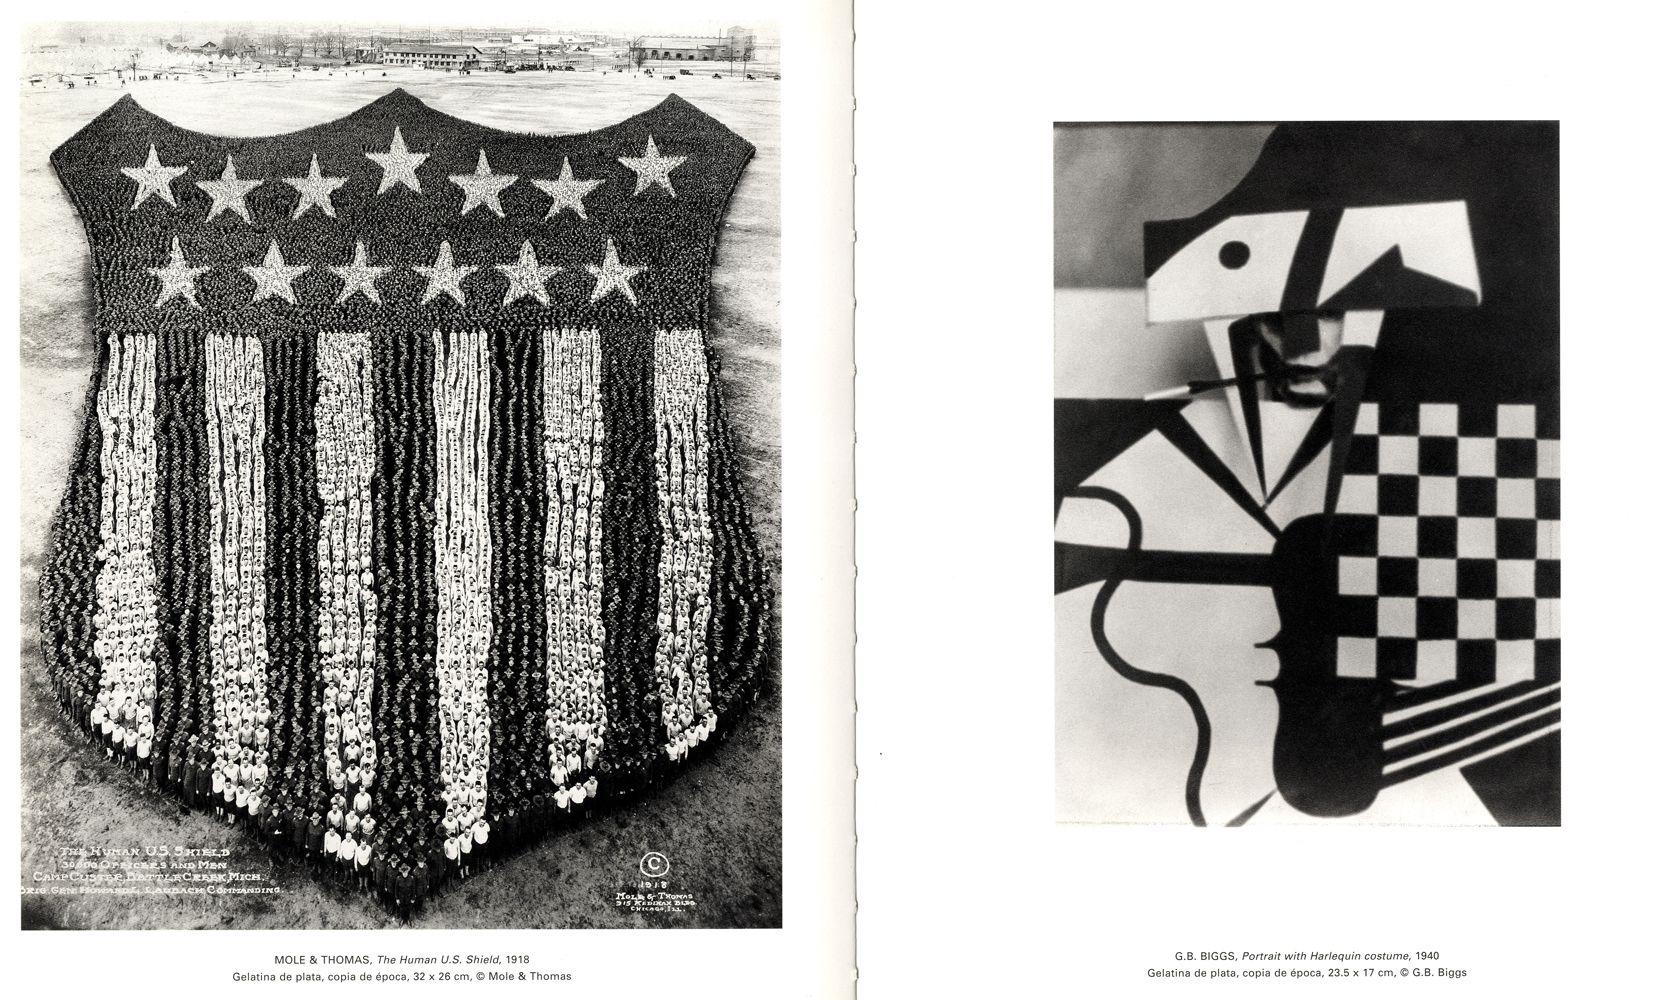 Mole & Thomas, 1918 / G. B. Biggs, 1940